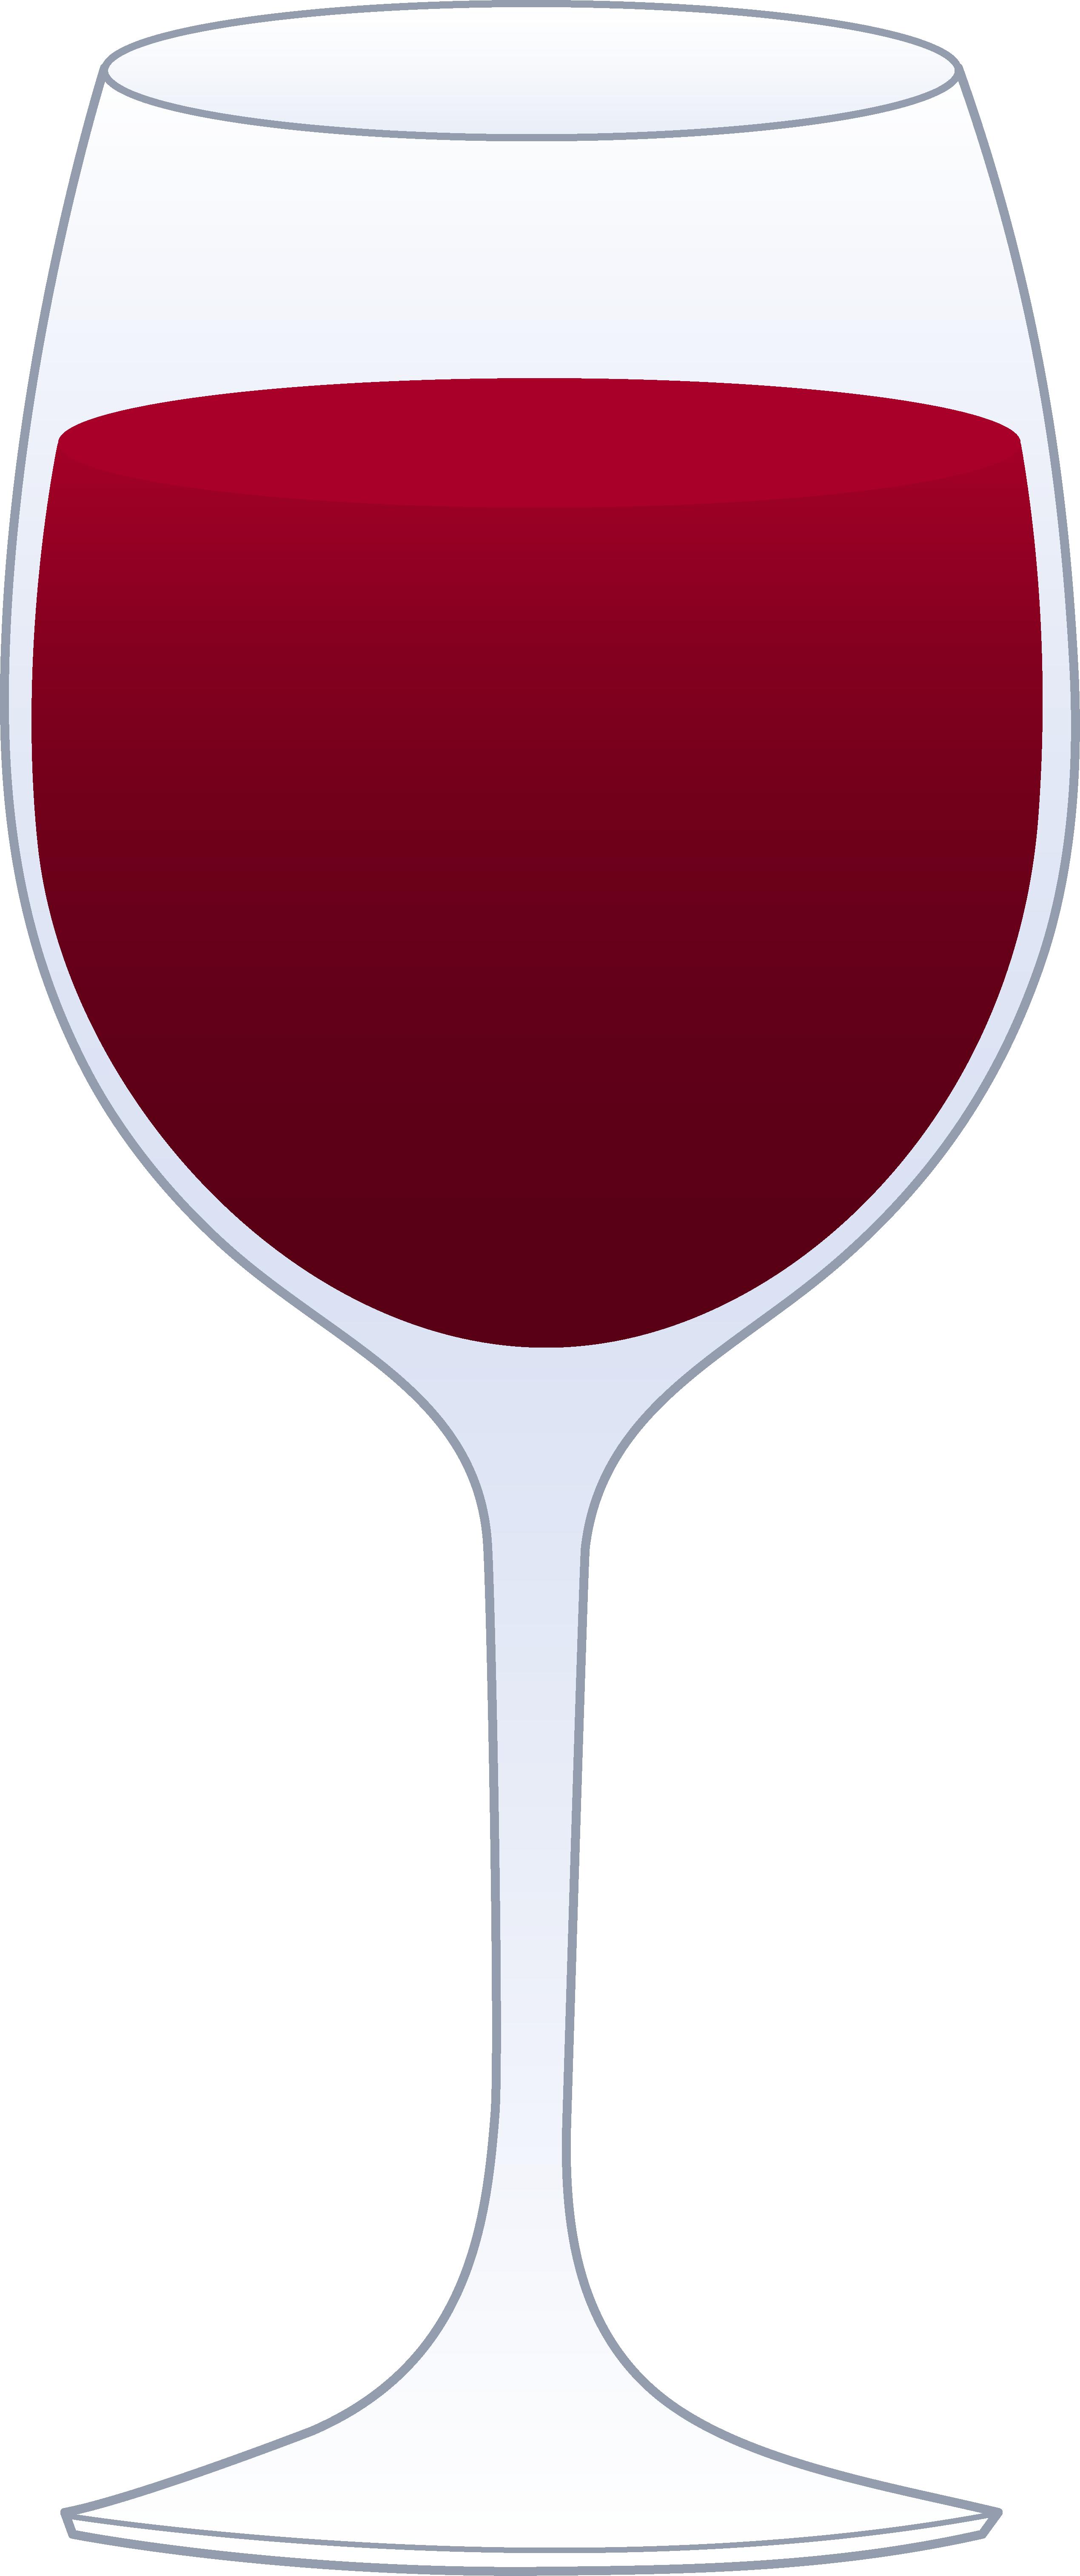 Wine Clip Art-Wine Clip Art-13